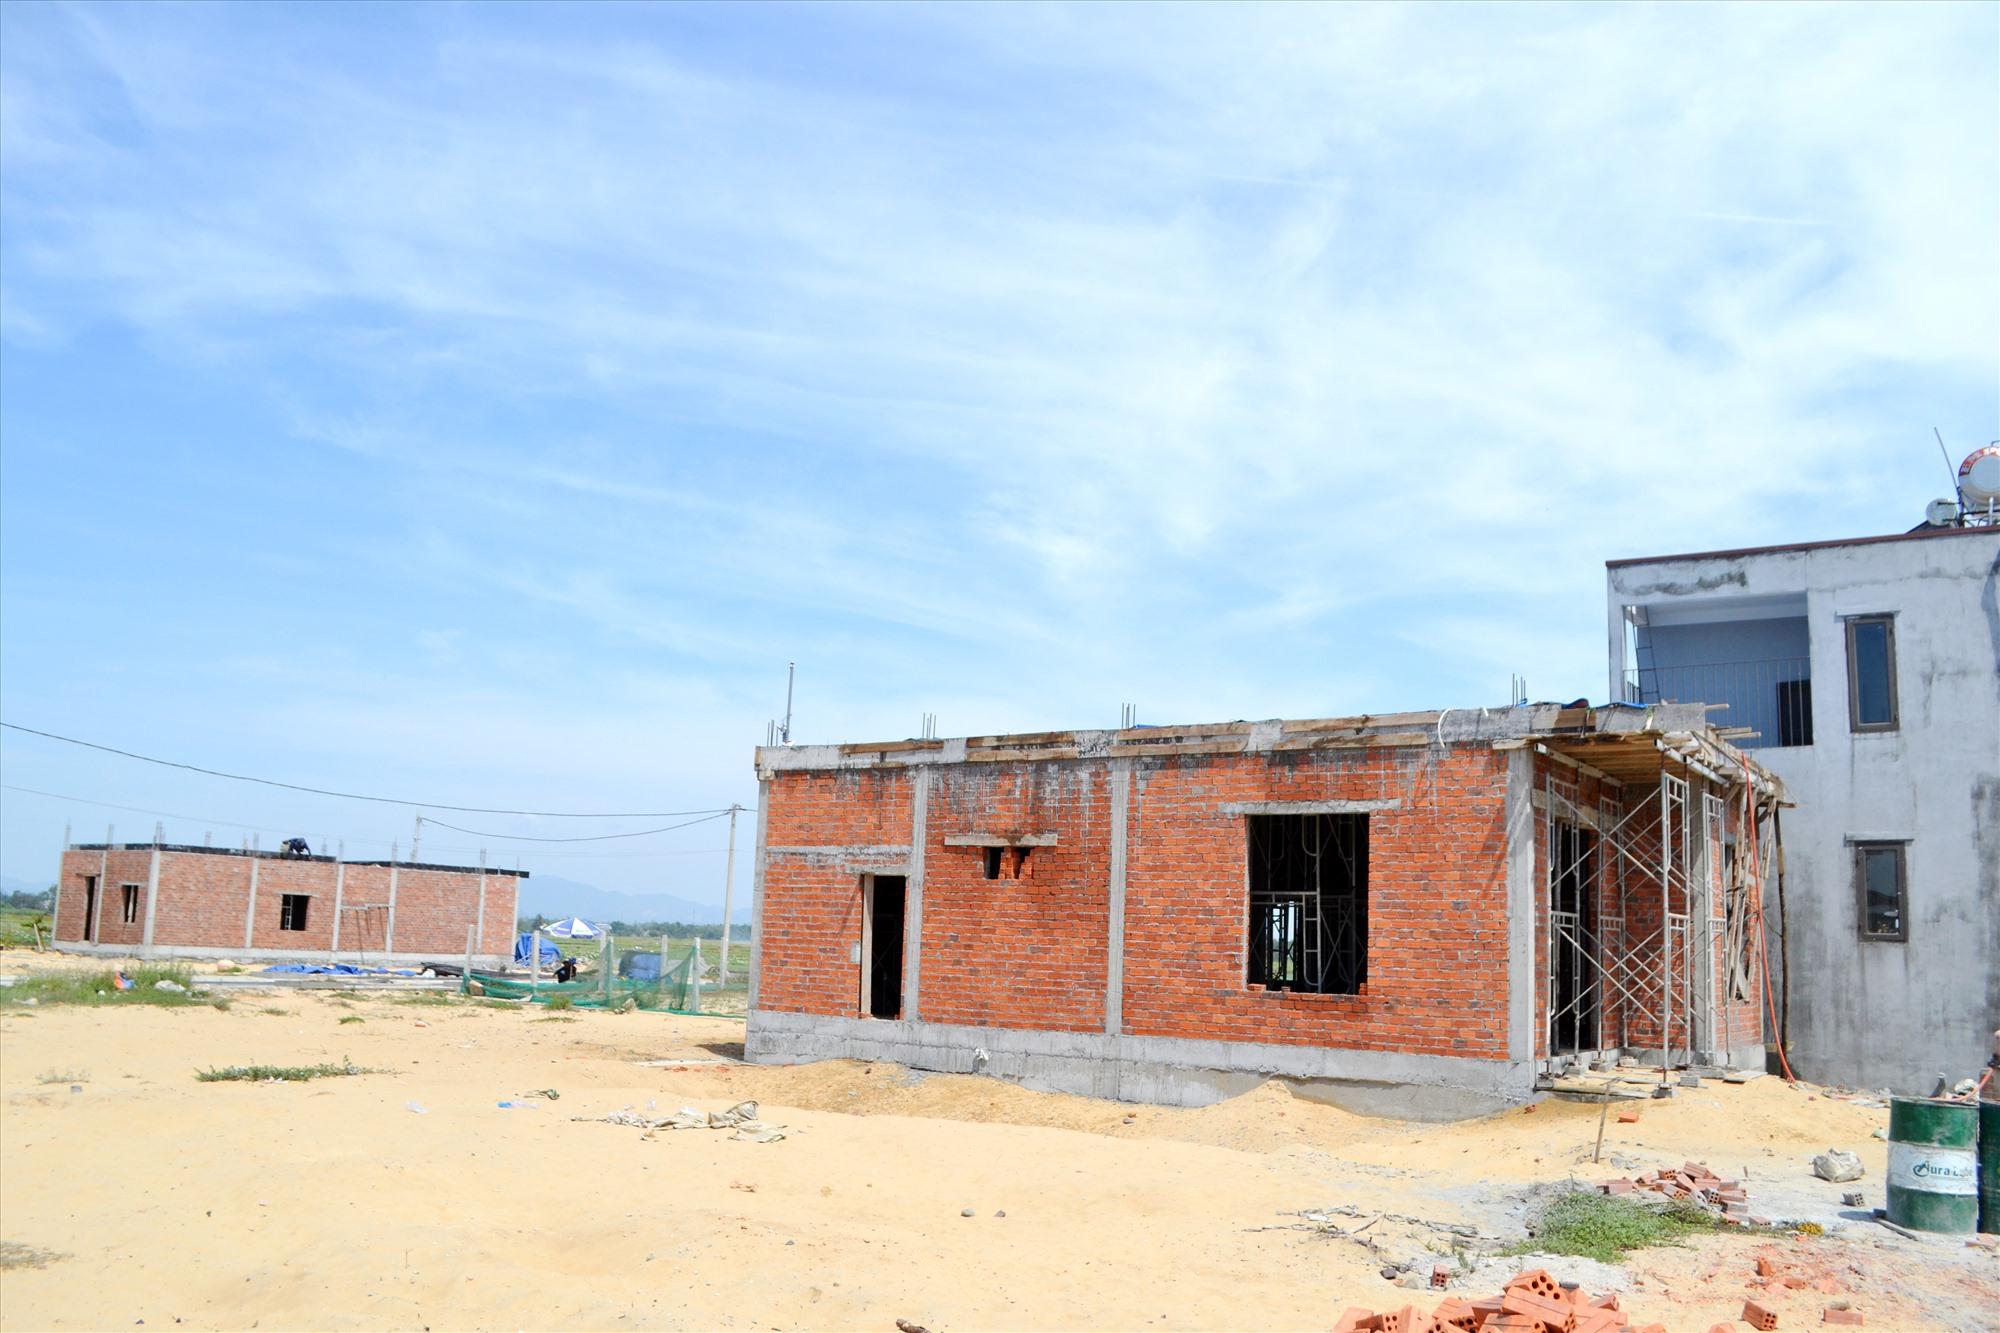 Nhiều căn nhà đang được xây dựng tại khu tái định cư Bình Đào, công trình phục vụ tái định cư cho các hộ bị ảnh hưởng bởi dự án. Ảnh: CT